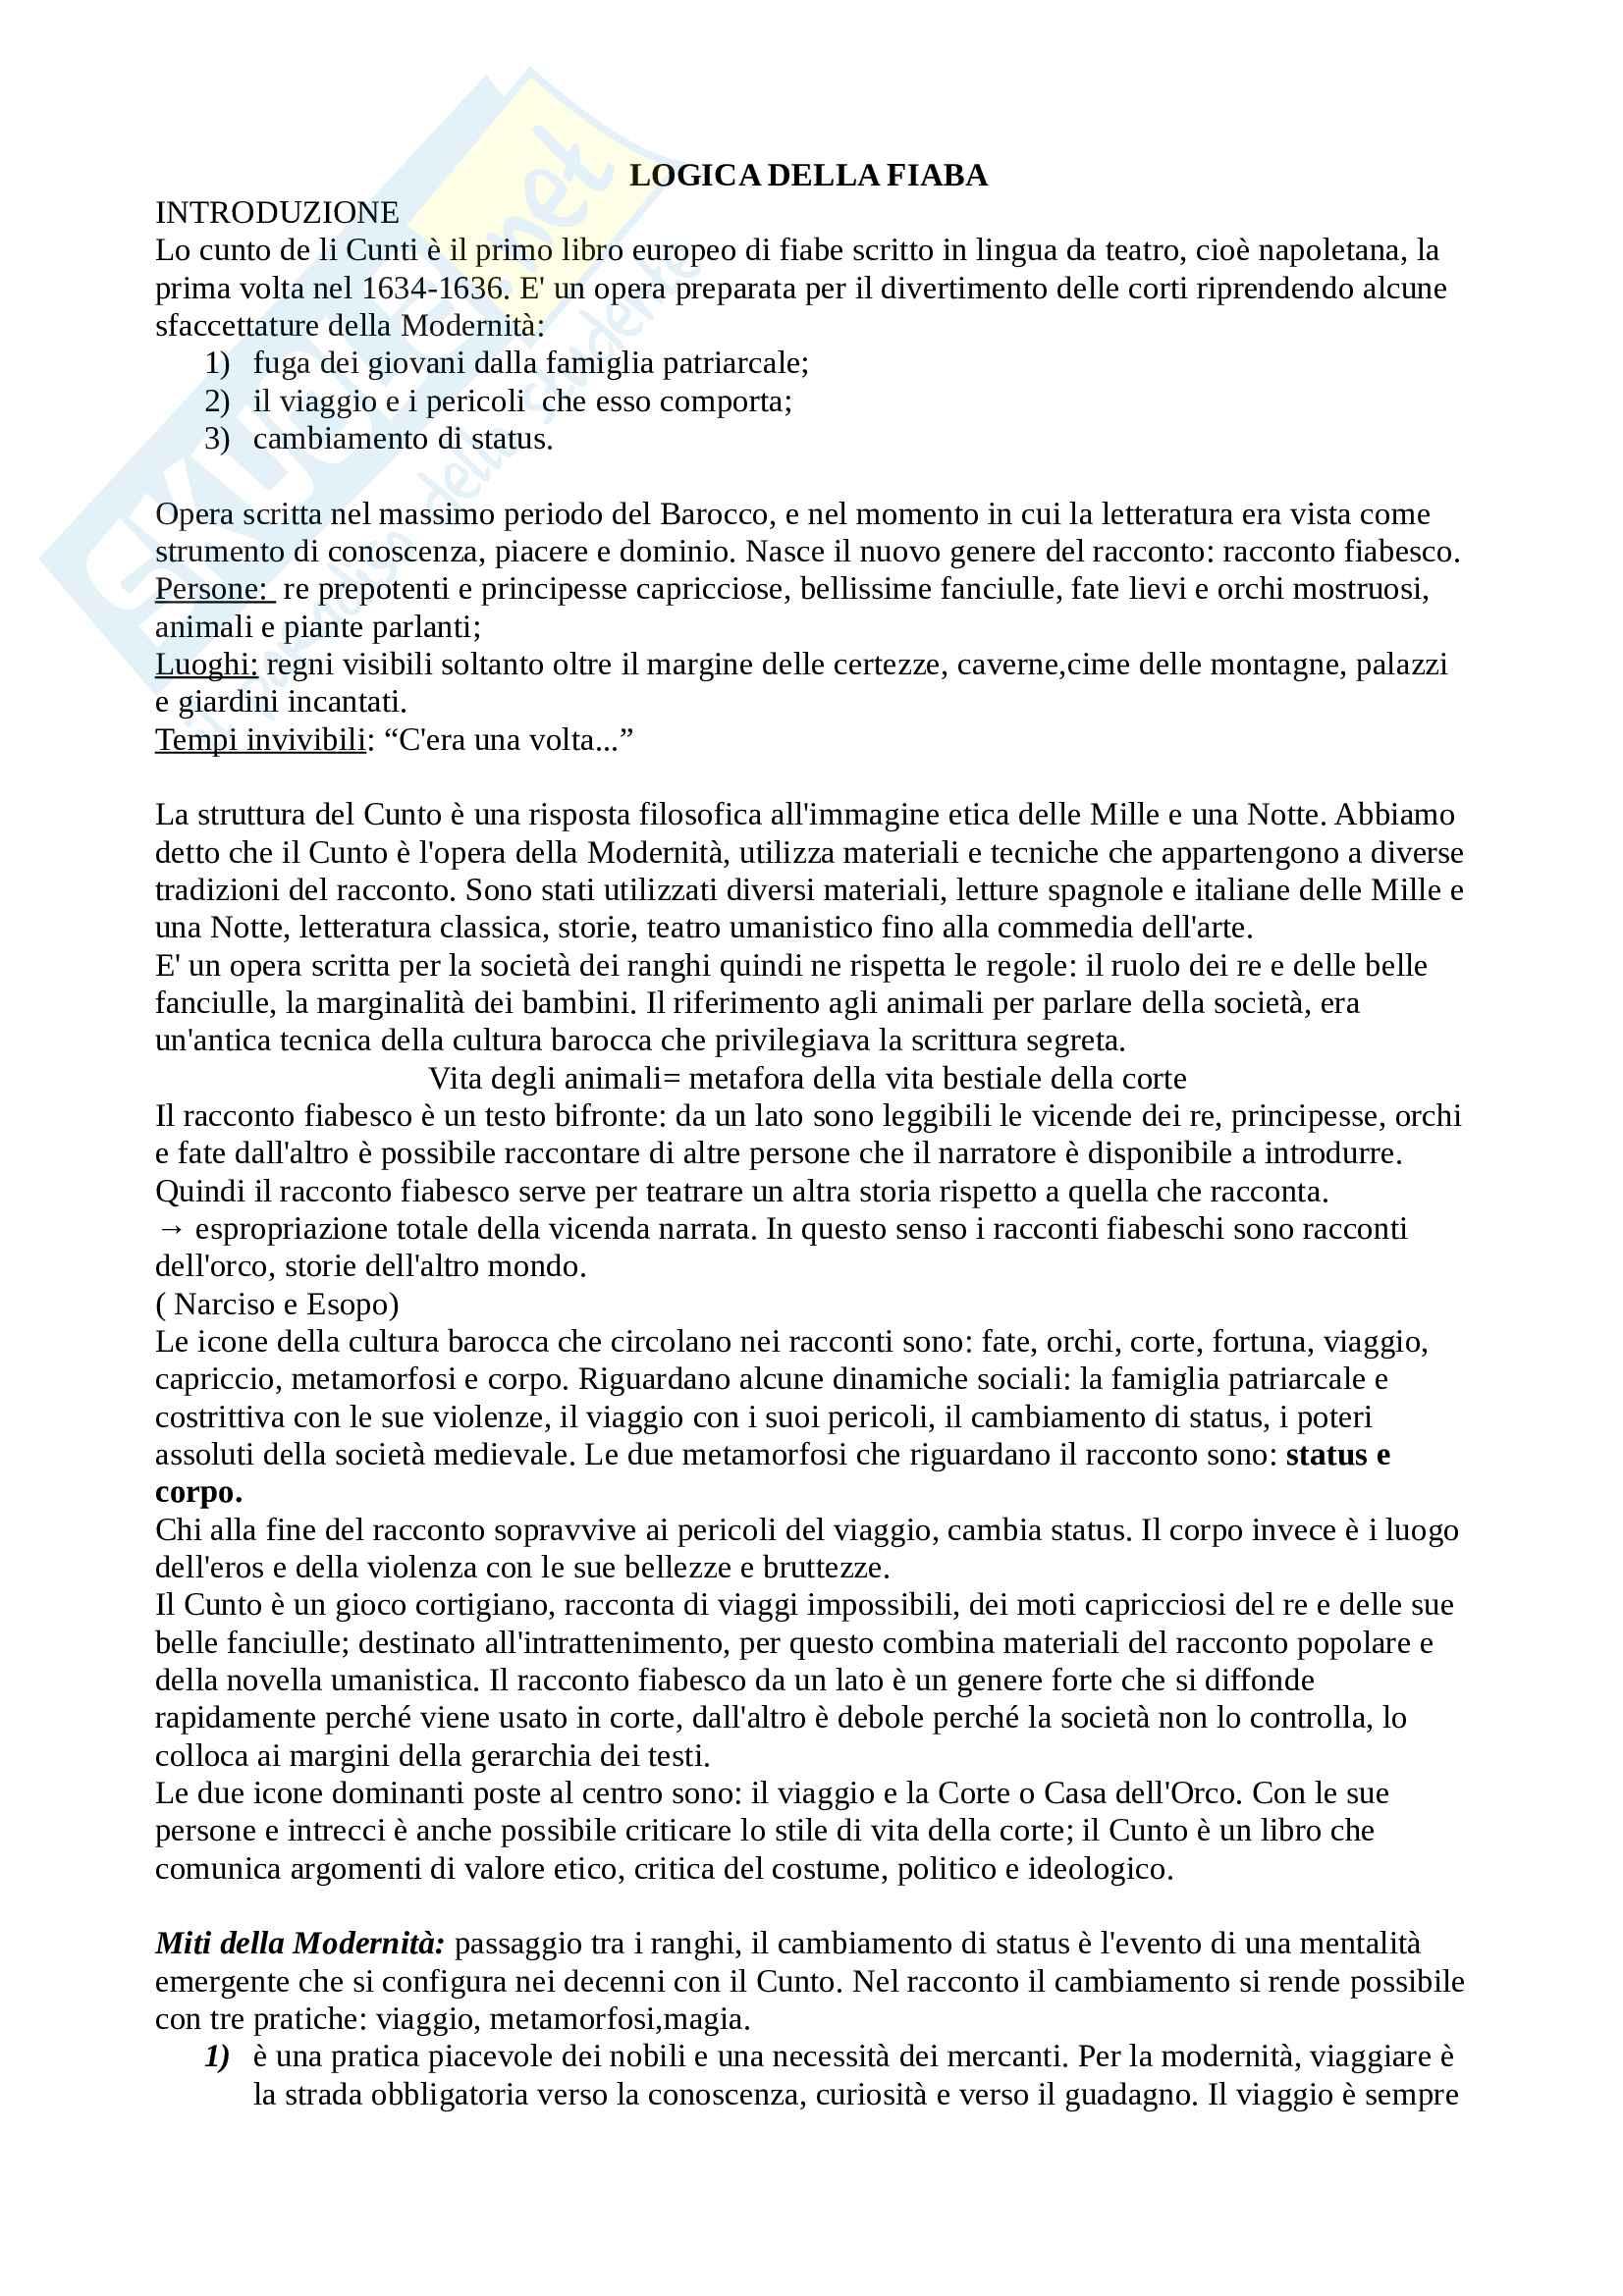 Riassunto esame letteratura italiana, prof. Scrivano, libro consigliato: Logica della fiaba fate orchi gioco corte fortuna viaggio capriccio metamorfosi corpo, Rak